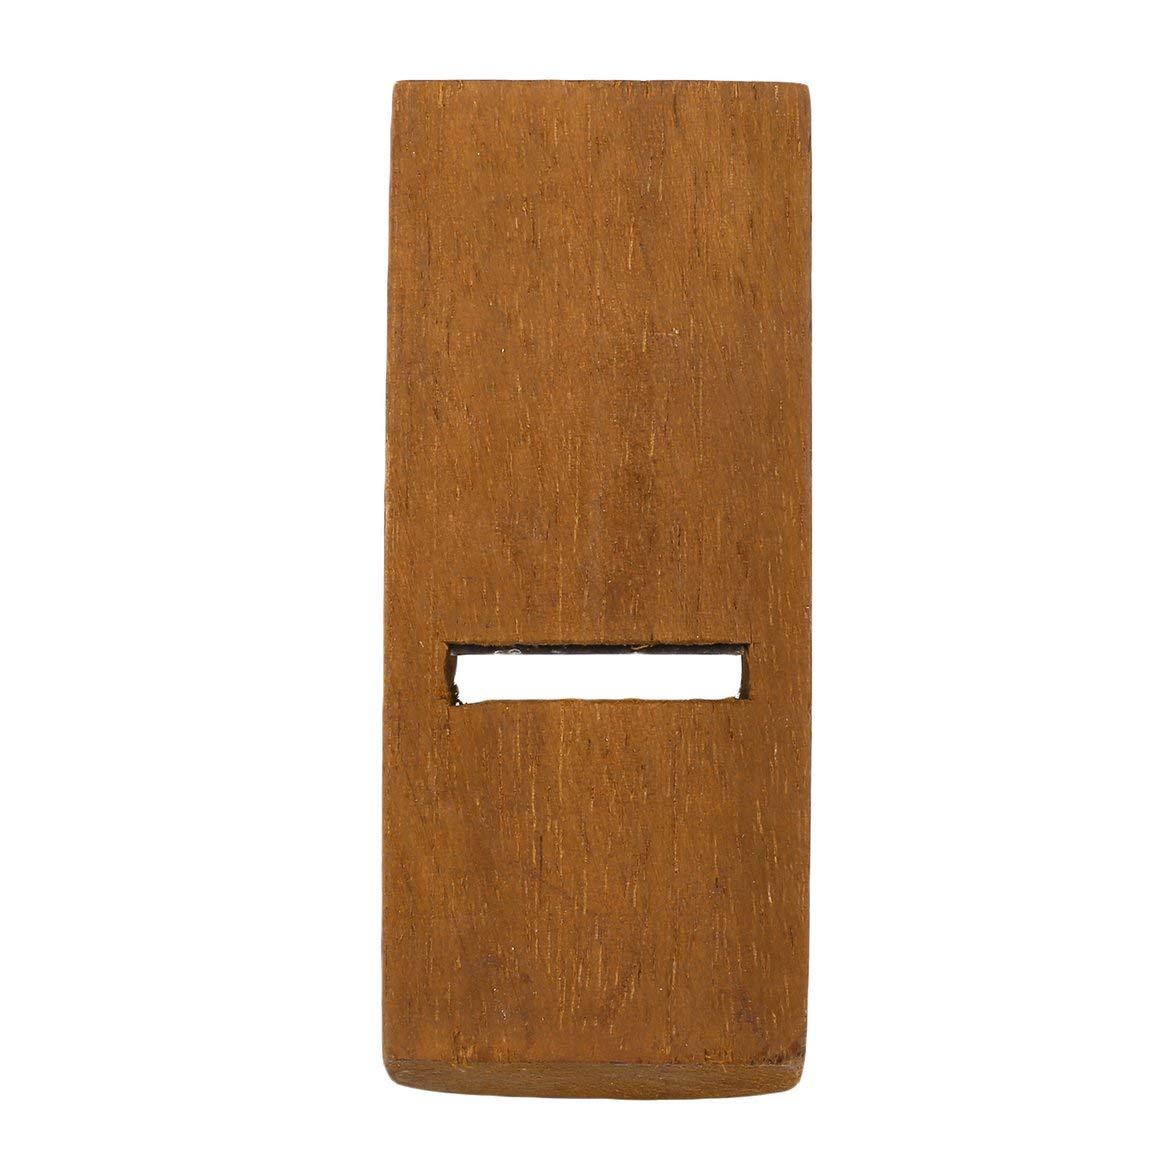 Kongqiabona Madera Cepilladora 108 MM Hogar y Jard/ín Mini Carpinter/ía Plano Plano Mano de madera Cepilladora Herramienta de bricolaje Carpintero Artesan/ía Recorte de mano